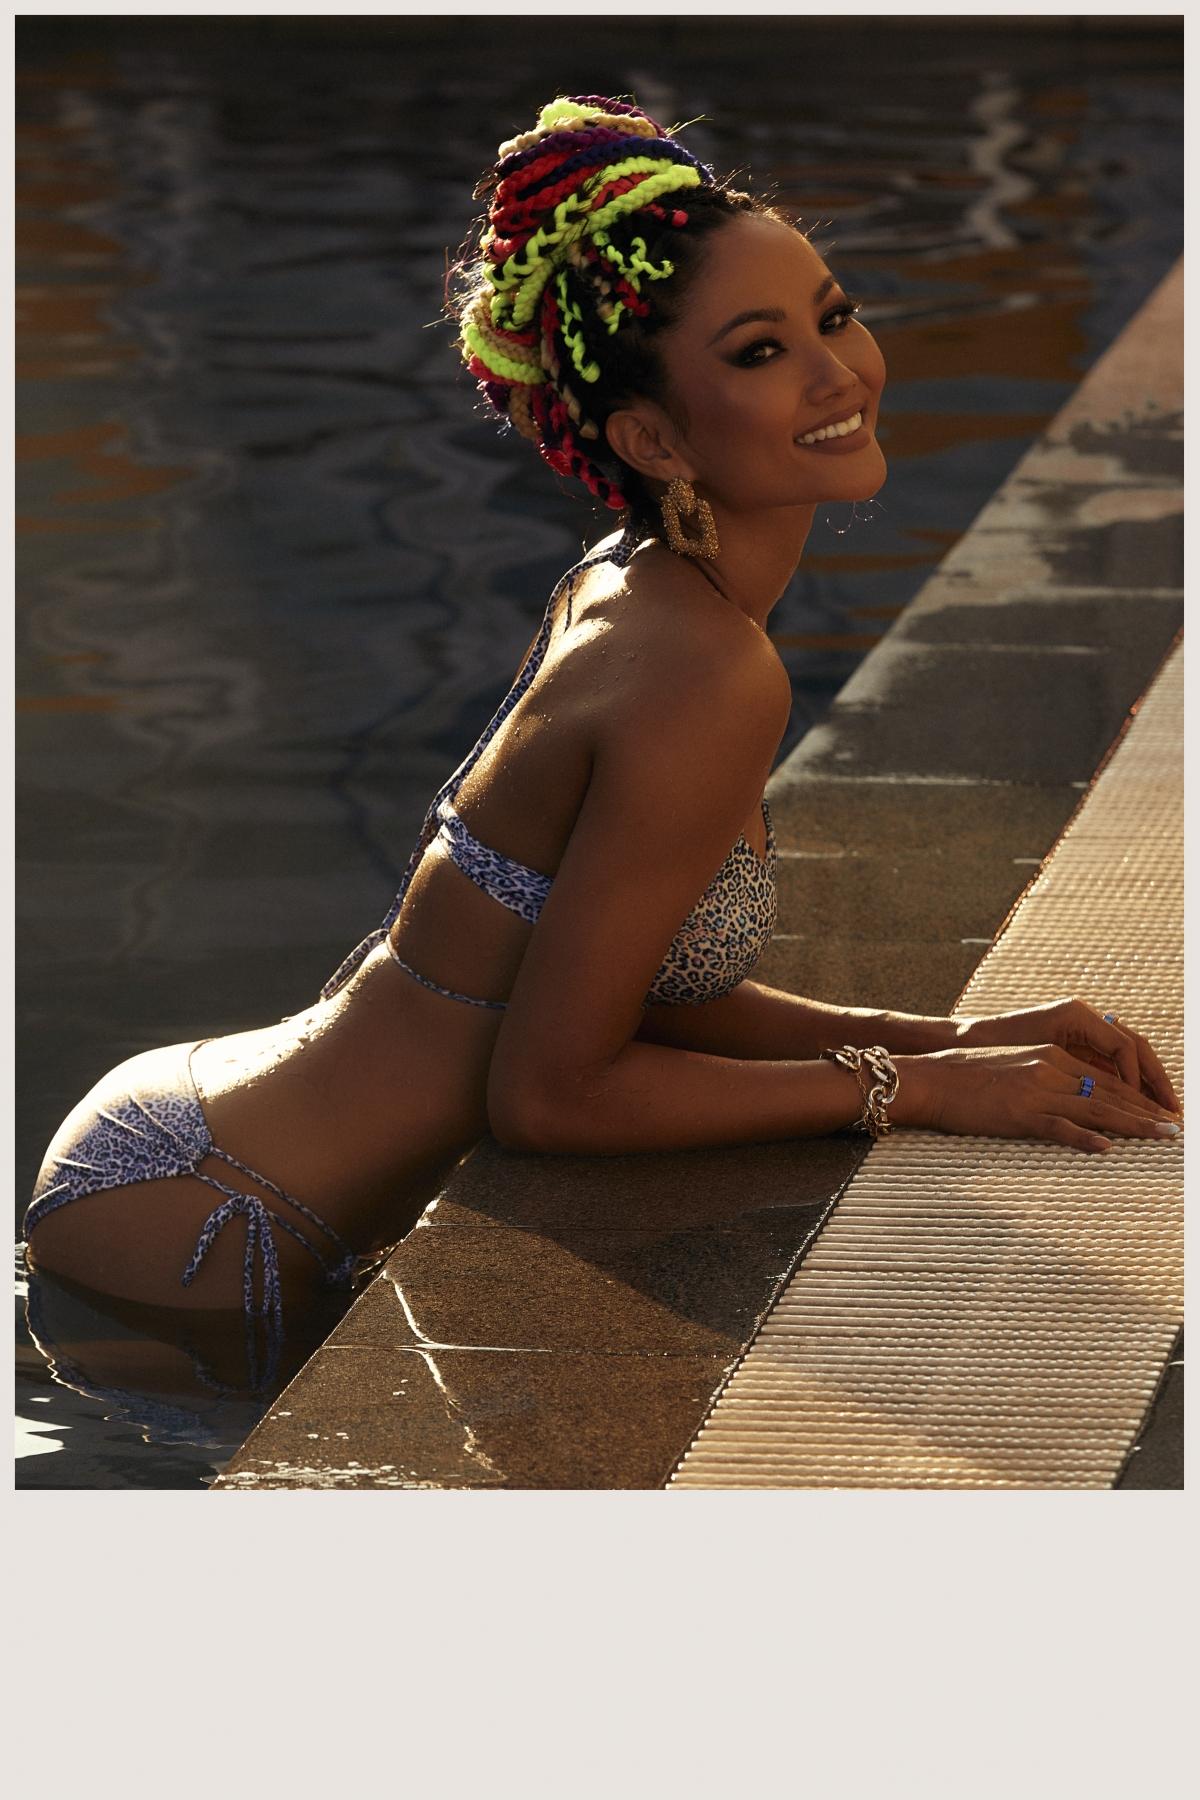 H'Hen Niê chọn một resort sang trọng có bối cảnh thích hợp với chủ đề mà cô và ê kíp ưng ý.